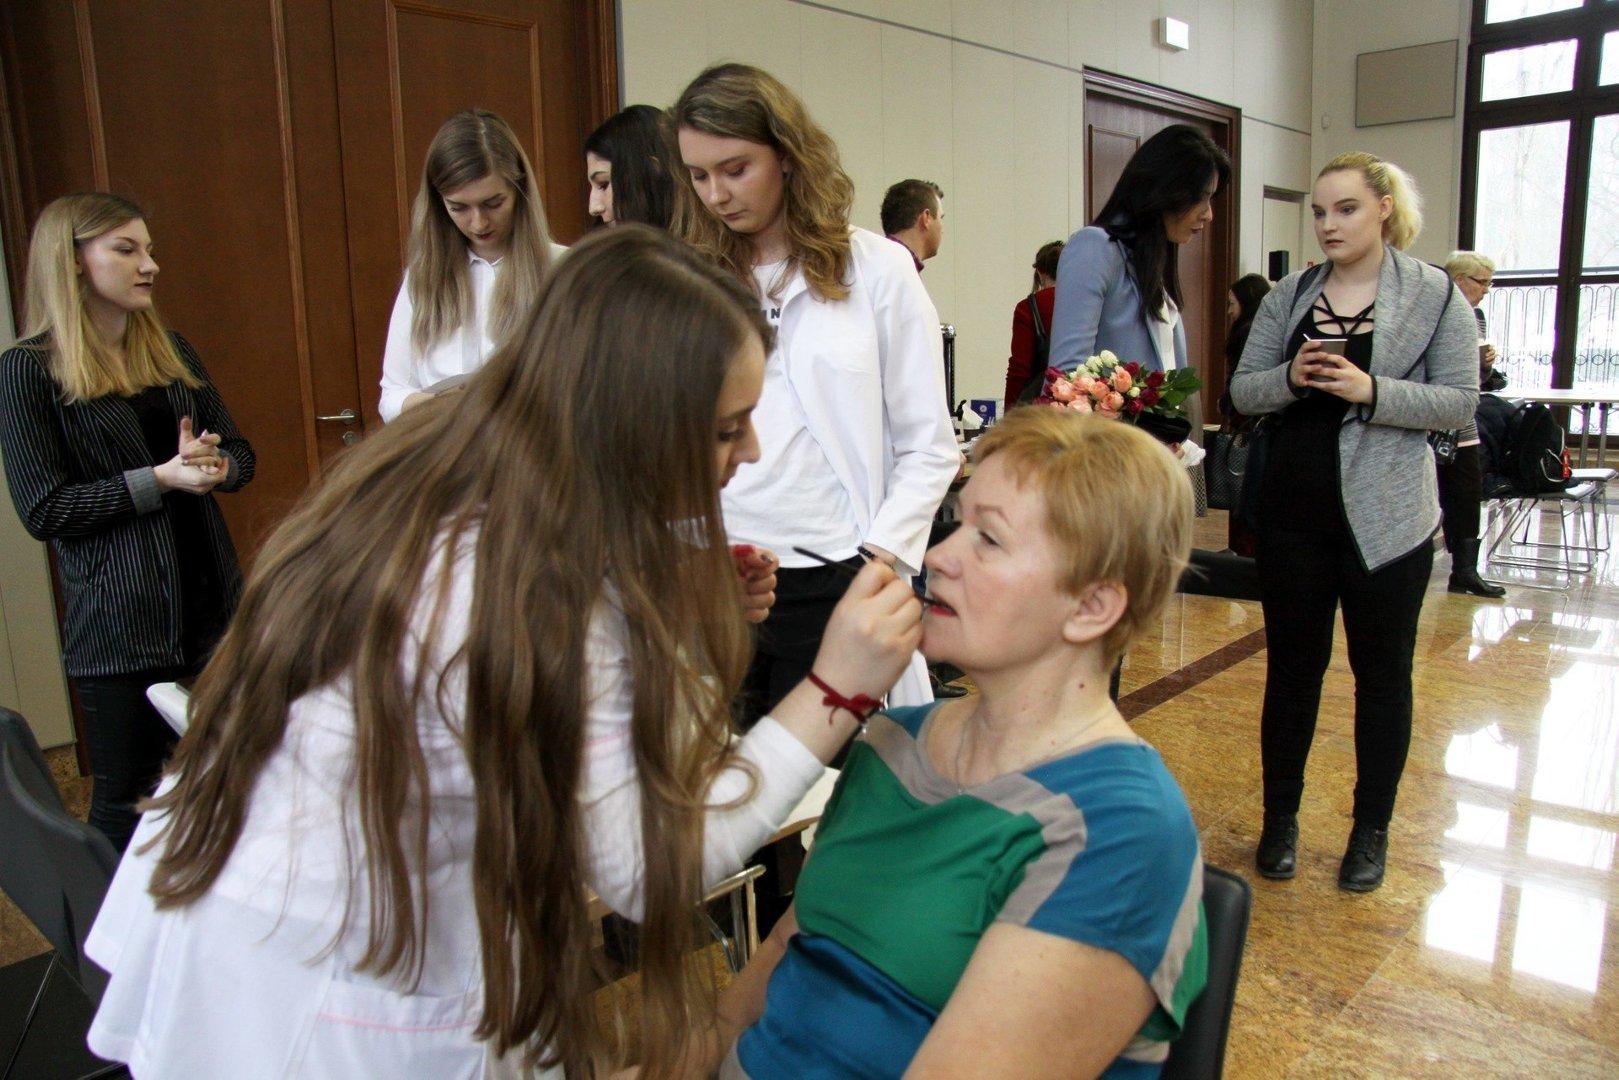 Dzień Kobiet W Lublinie Tulipany Koncerty Medale Darmowe Badania